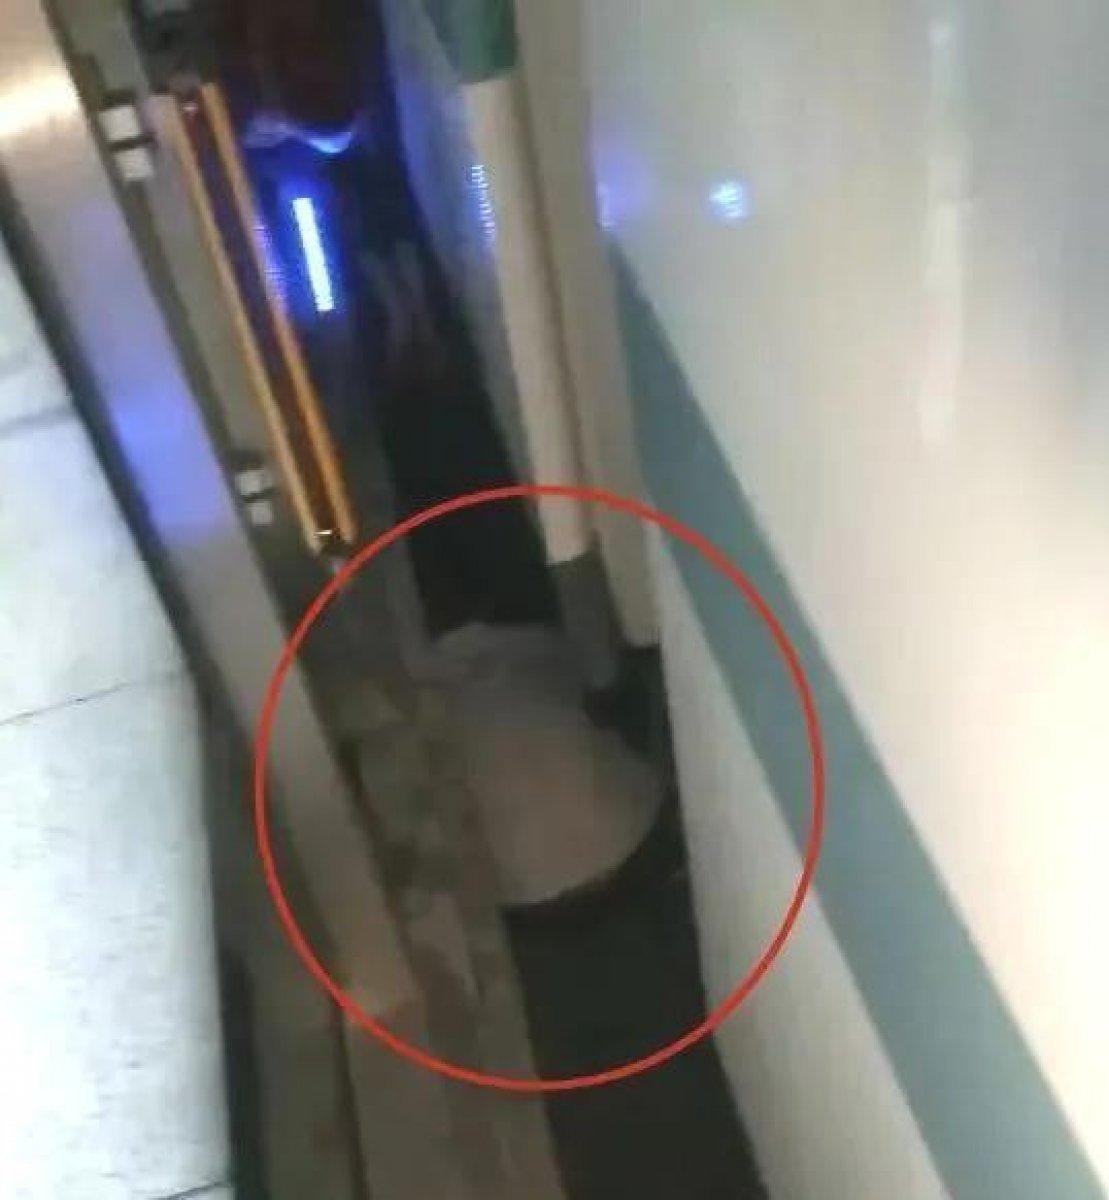 Çin'de arabasından kayan bebek, metro ile platform arasındaki boşluğa düştü  #2